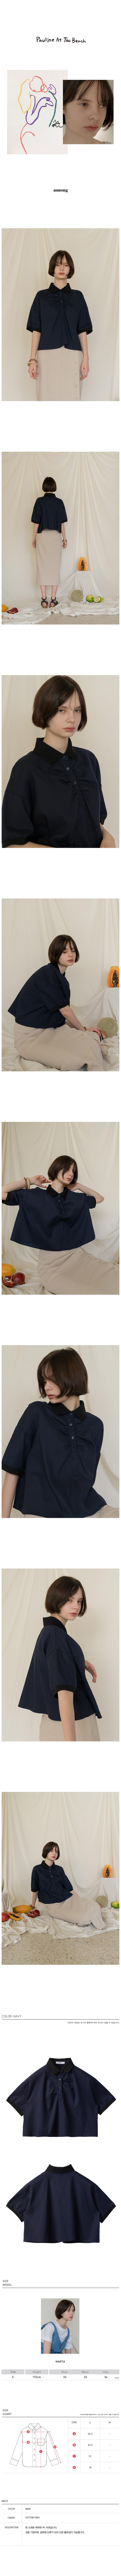 어몽(AMONG) 피케이 셔링 셔츠